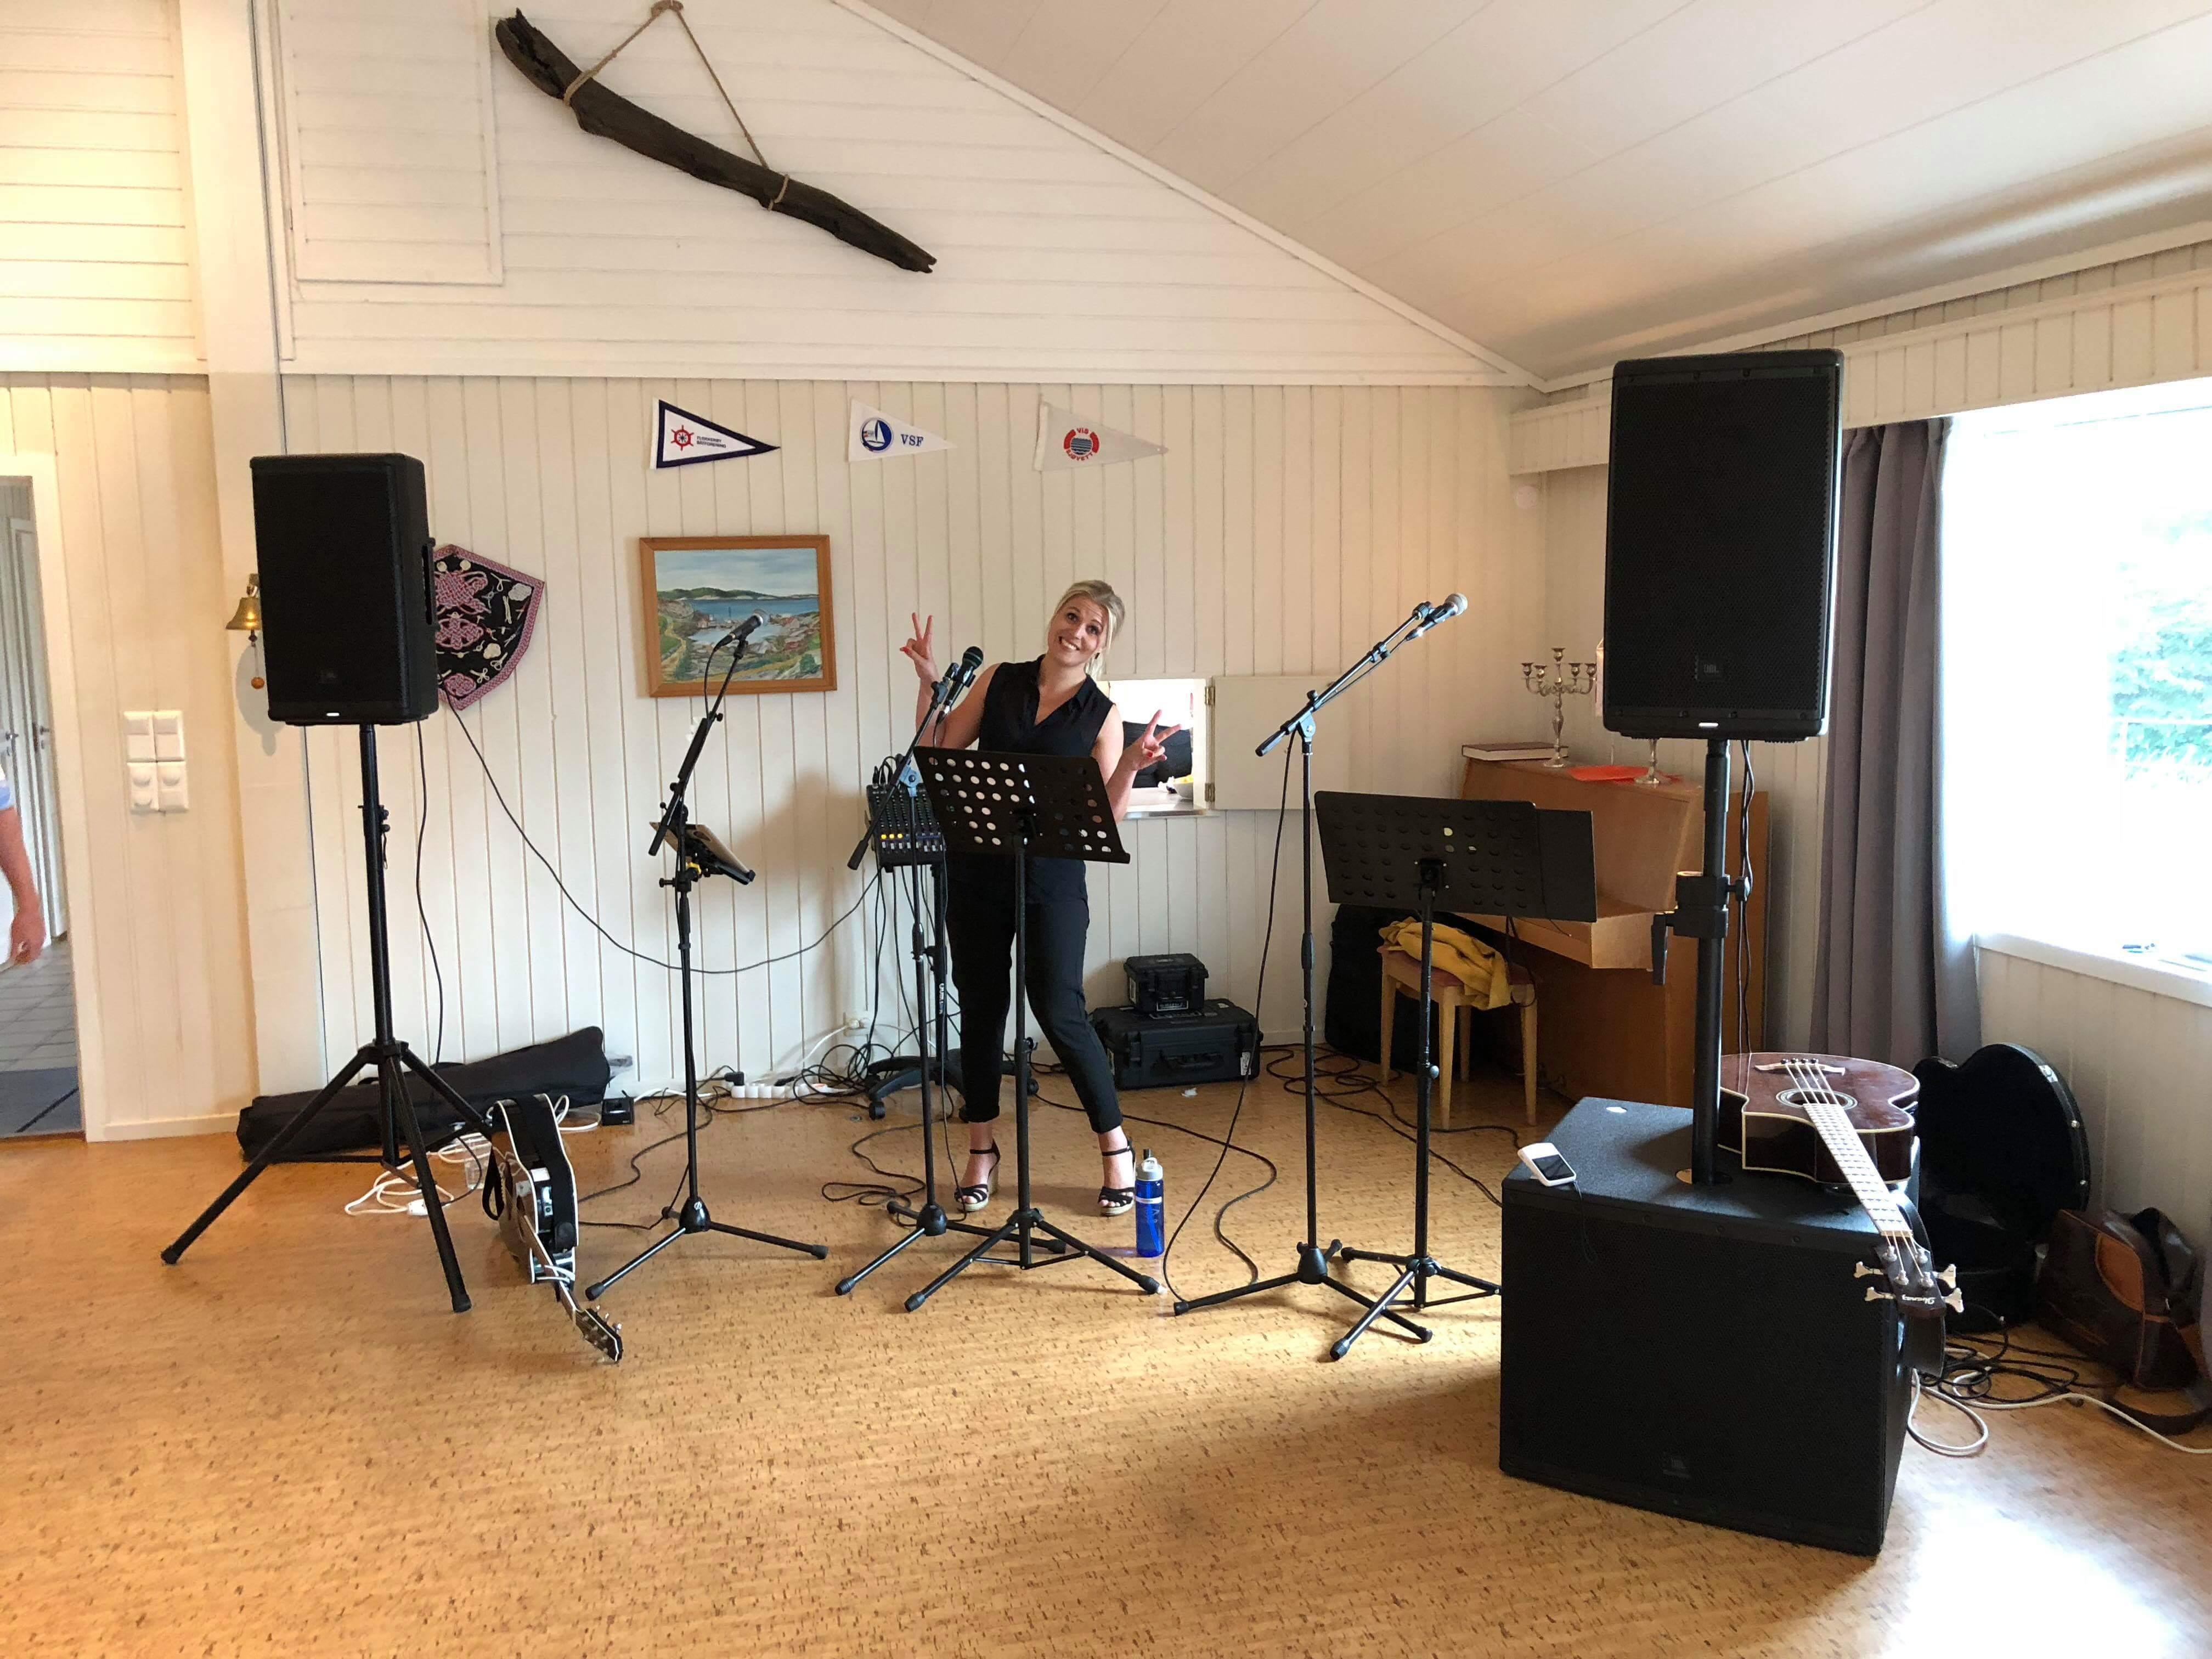 PA utleie i Kristiansand | Trenger du PA anlegg til festen